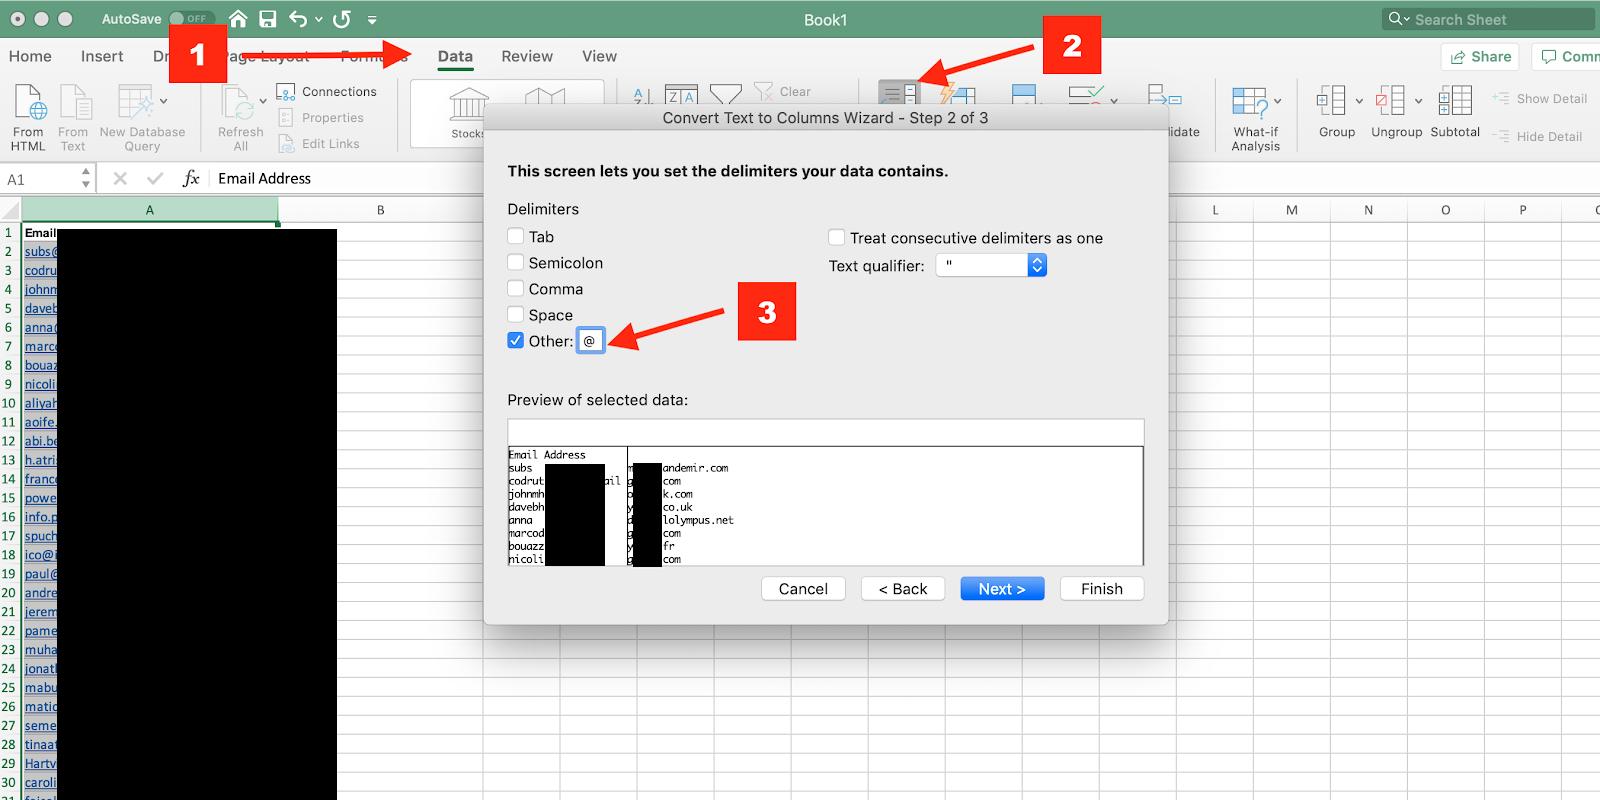 estrarre domini da e-mail all'interno di un crm.